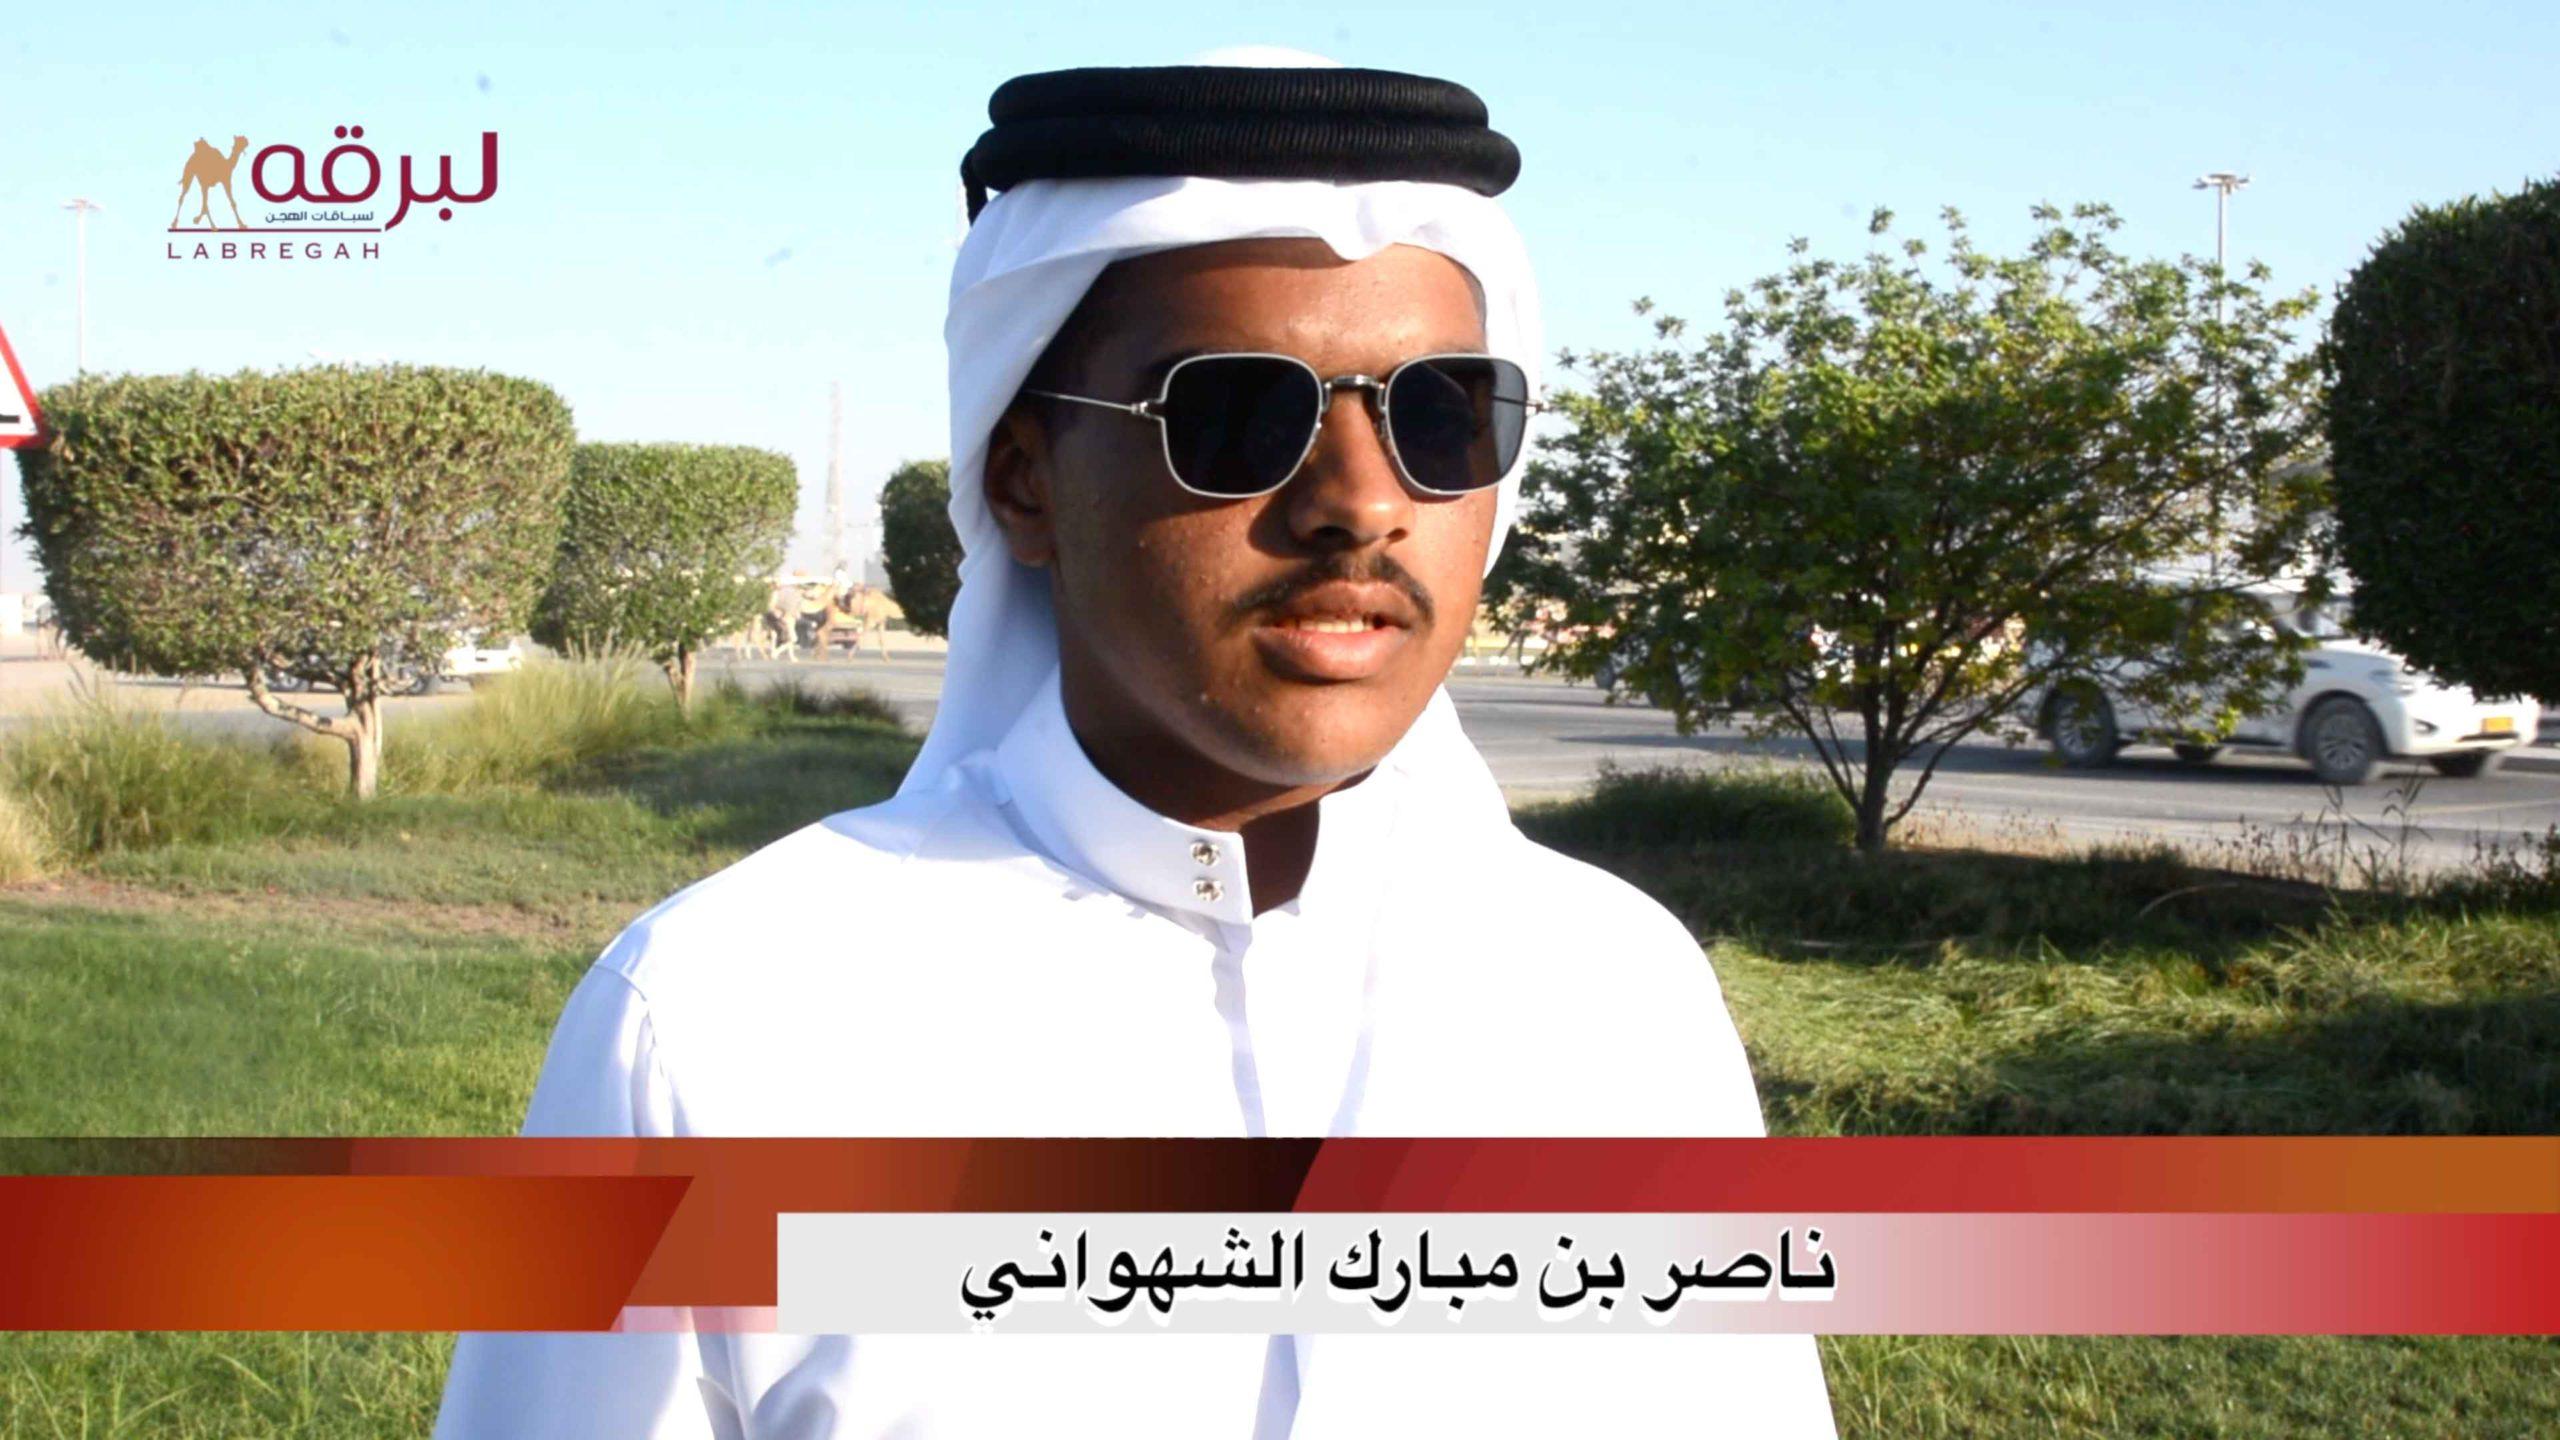 لقاء مع ناصر مبارك الشهواني.. الشوط الرئيسي للثنايا بكار مفتوح الأشواط العامة  ١٦-١٠-٢٠٢٠